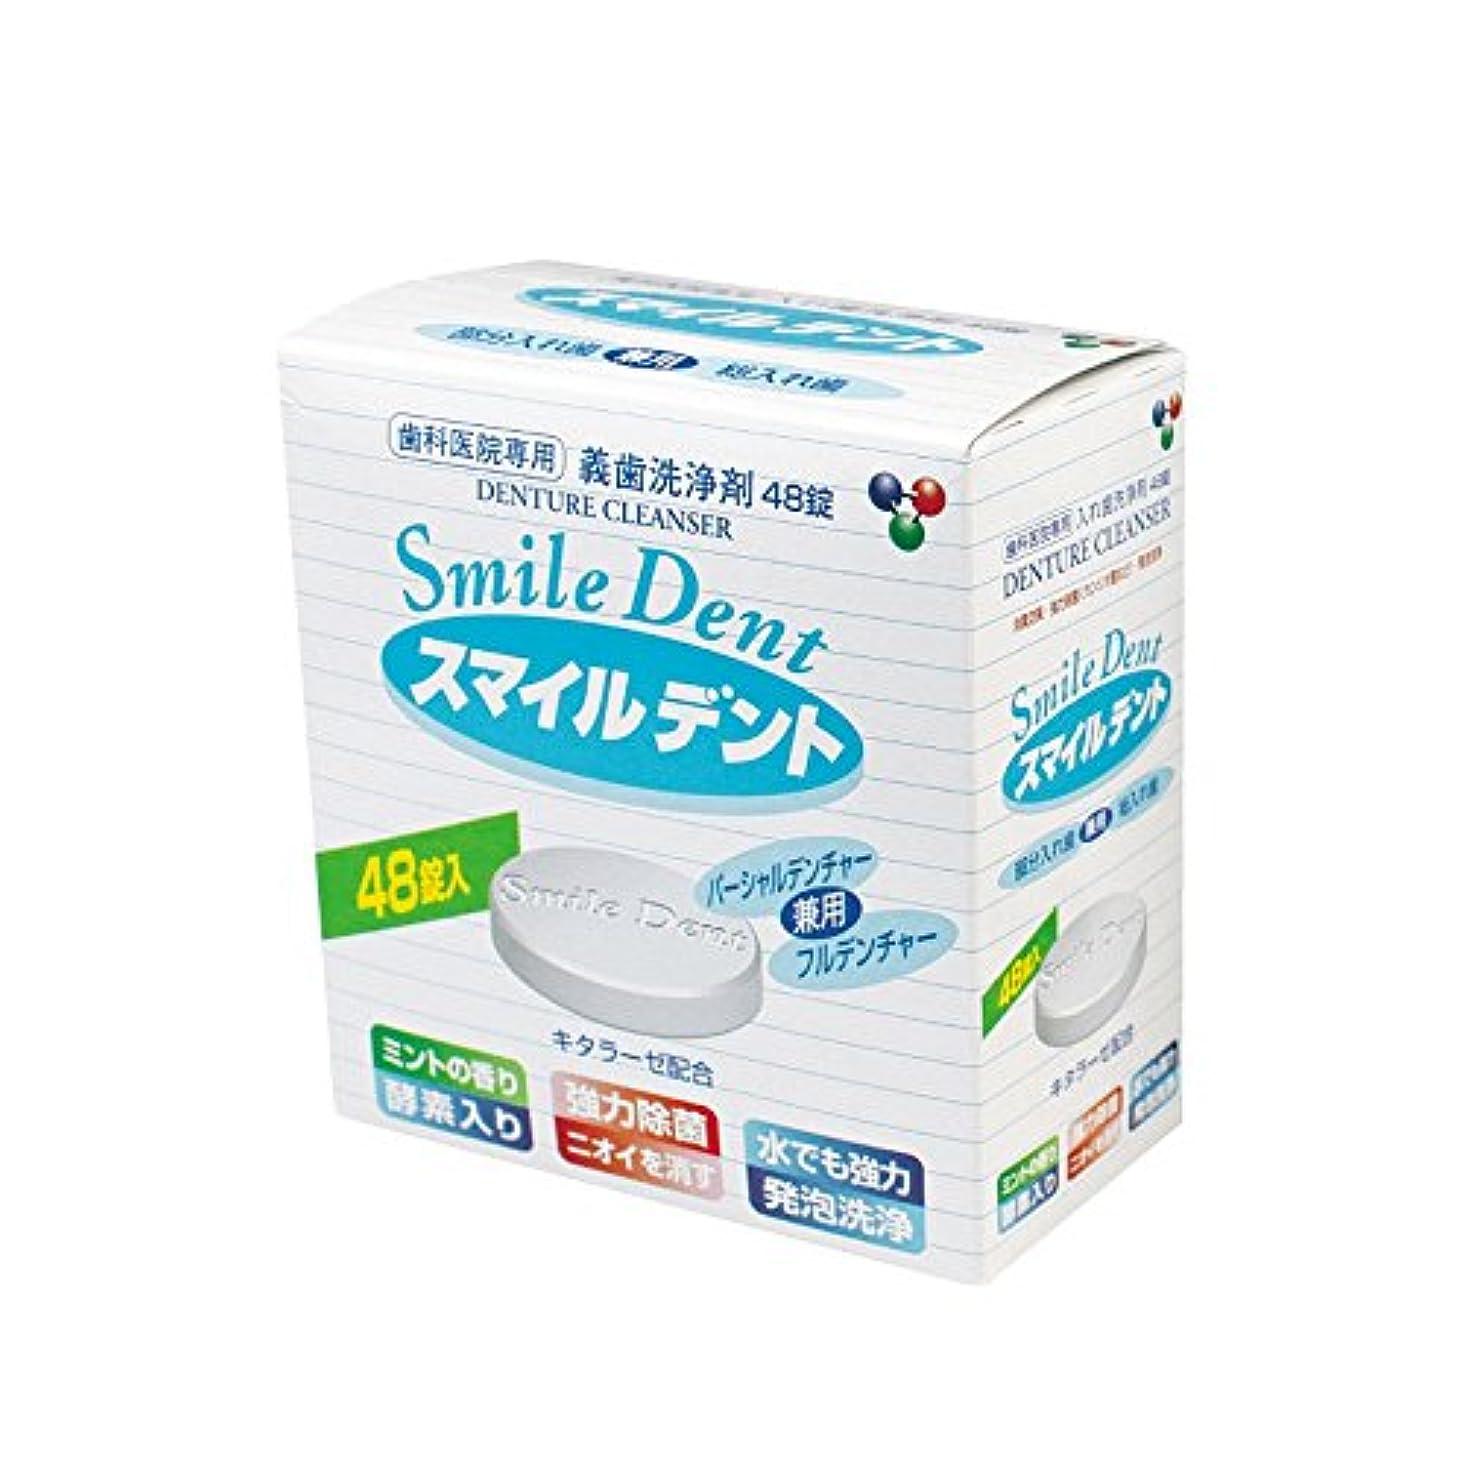 豆腐日光市町村義歯洗浄剤 スマイルデント 1箱(48錠)